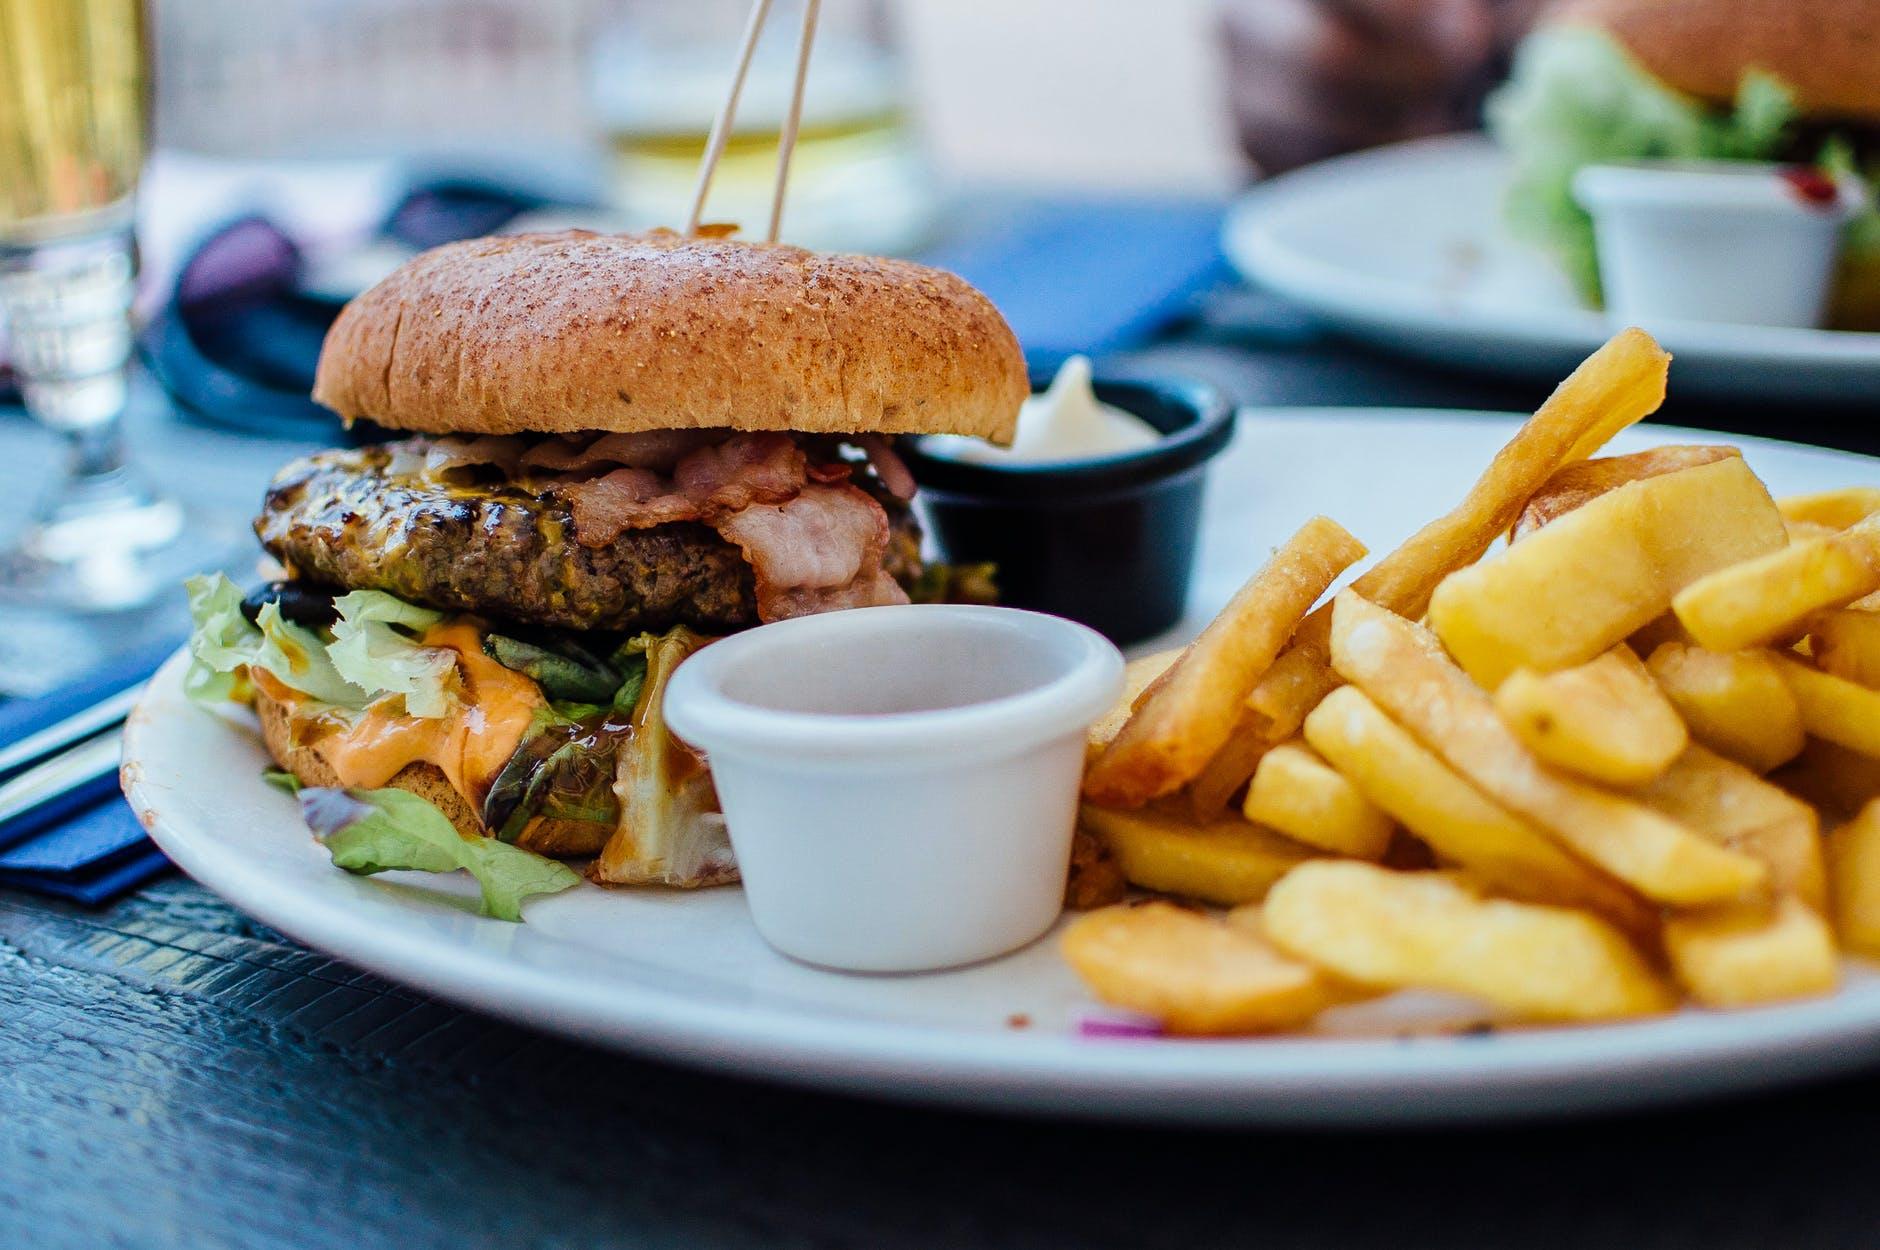 4 maneras fáciles de controlar nuestro antojo de comida chatarra